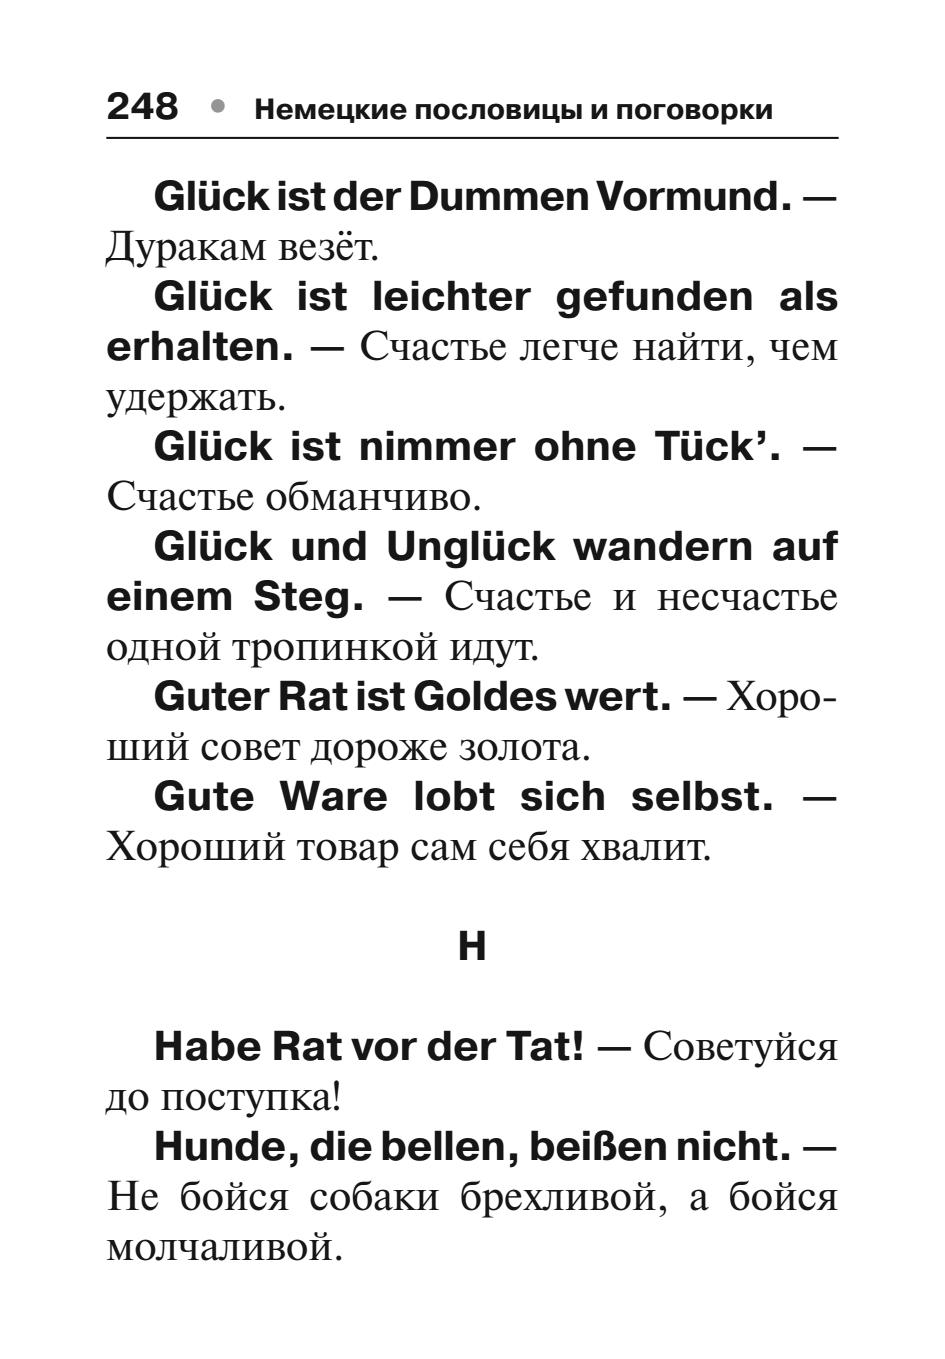 Пословицы на немецком в картинках